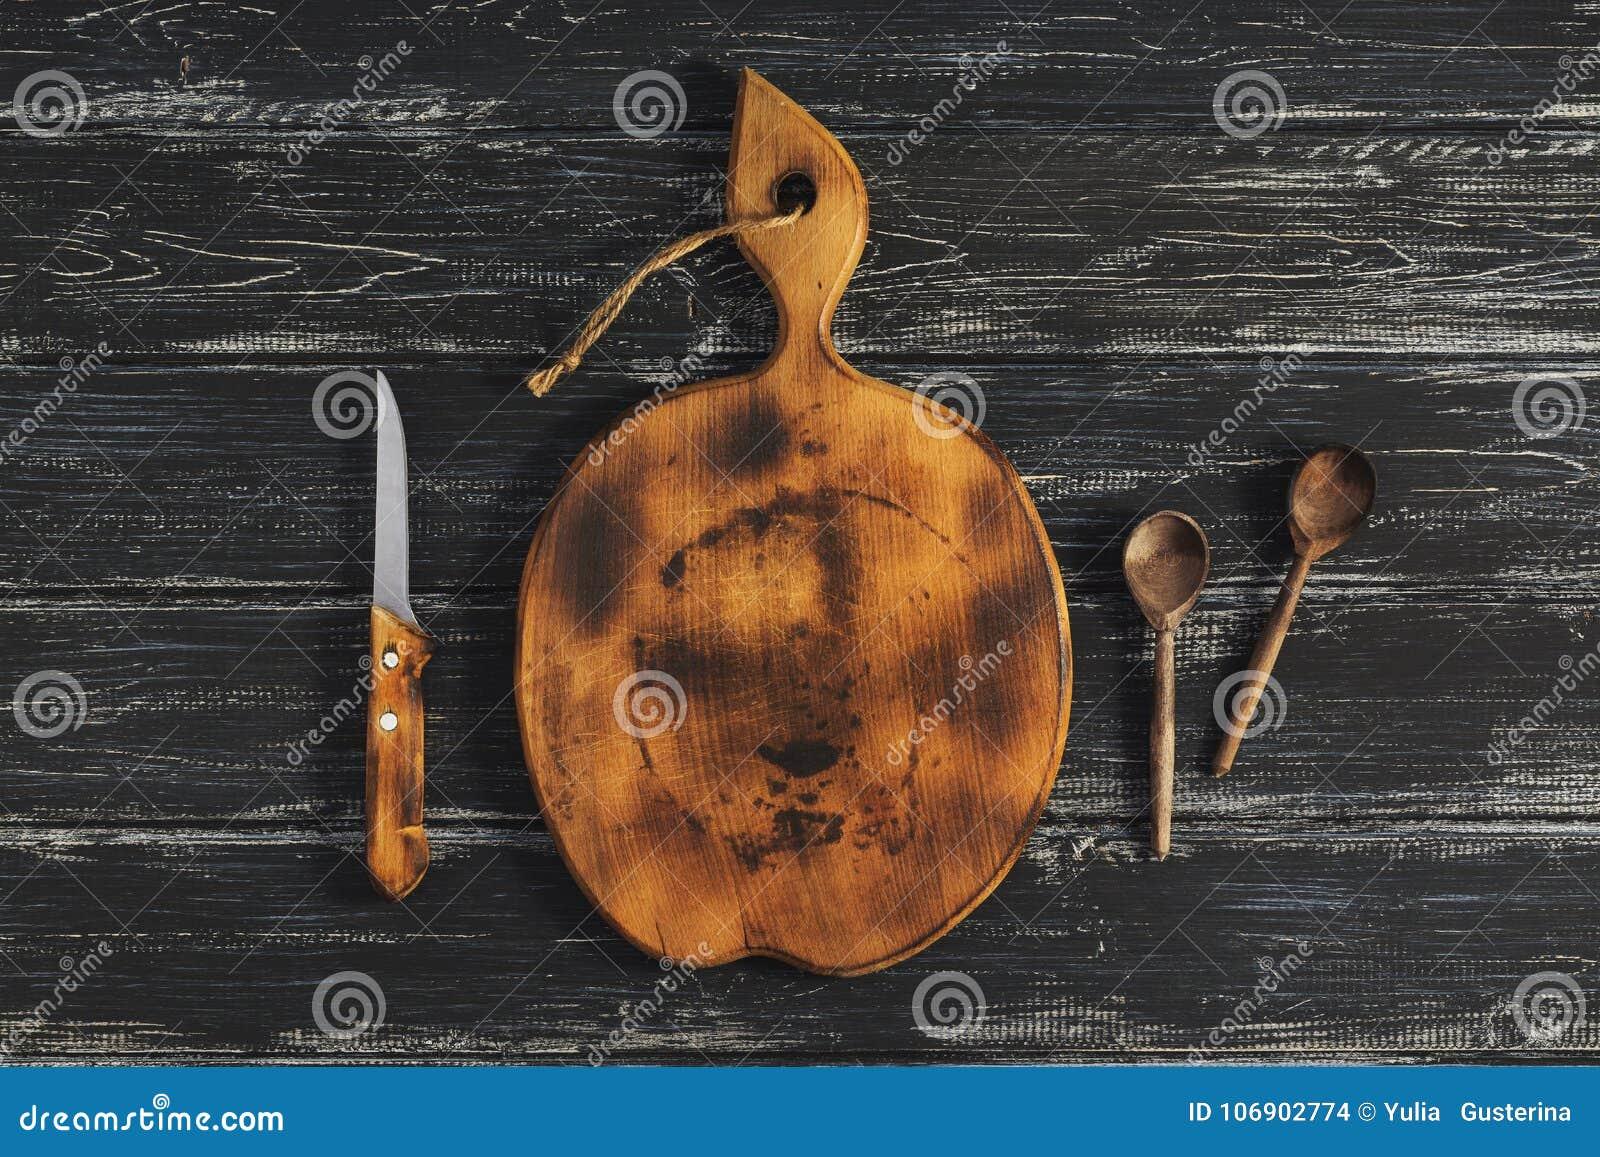 Round stara tnąca deska z drewnianą łyżką i nożem na ciemnym nieociosanym tle na widok